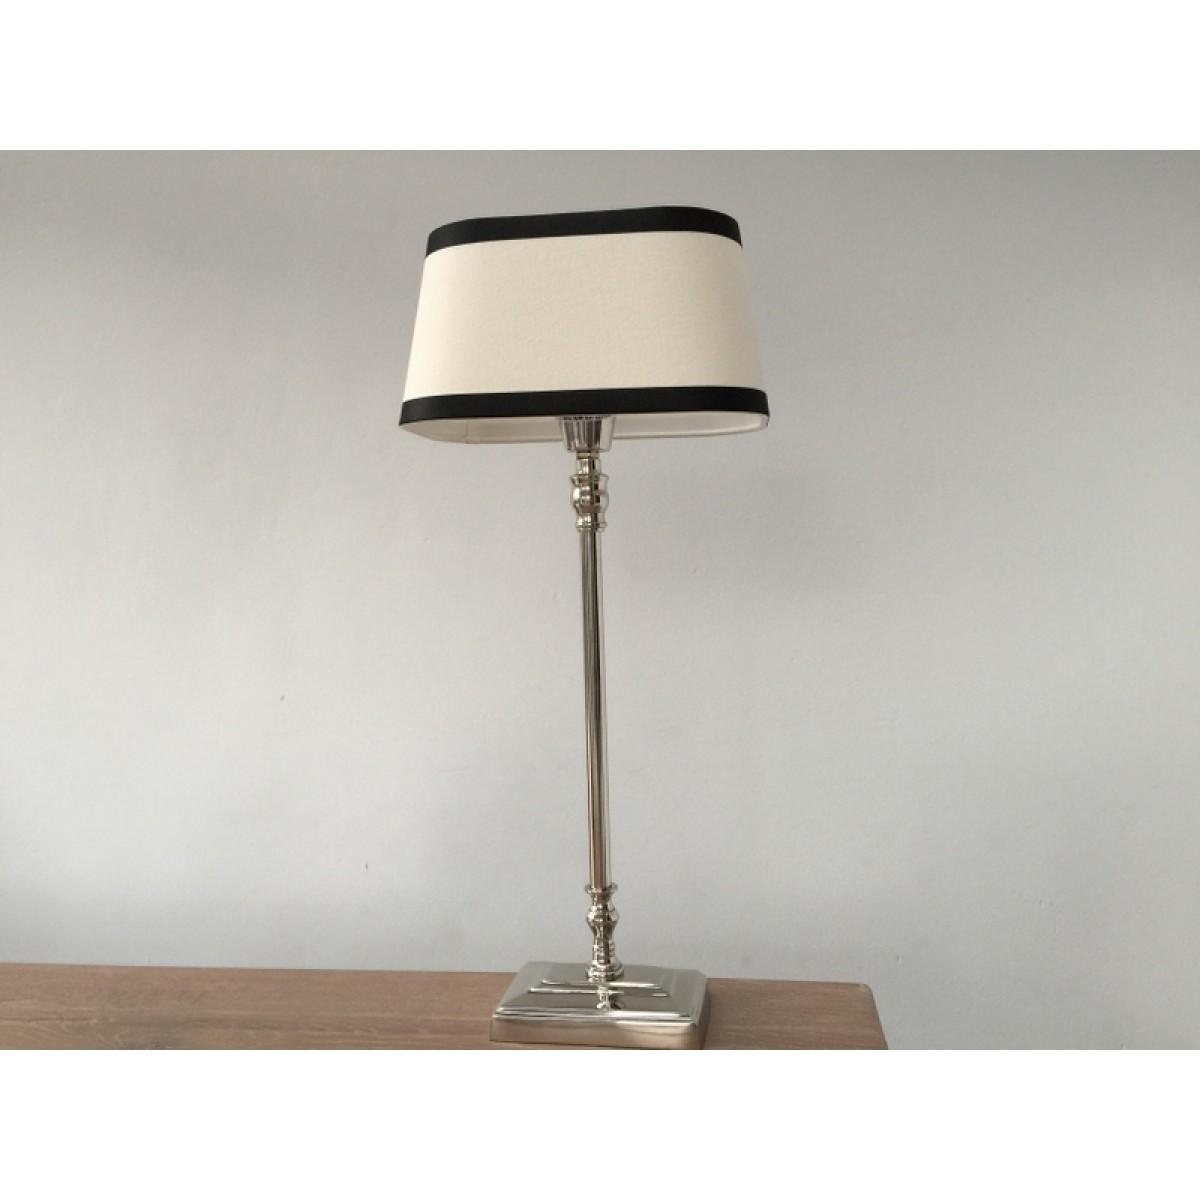 tischleuchte mit lampenschirm schwarz wei tischlampe verchromt h he 57 cm. Black Bedroom Furniture Sets. Home Design Ideas